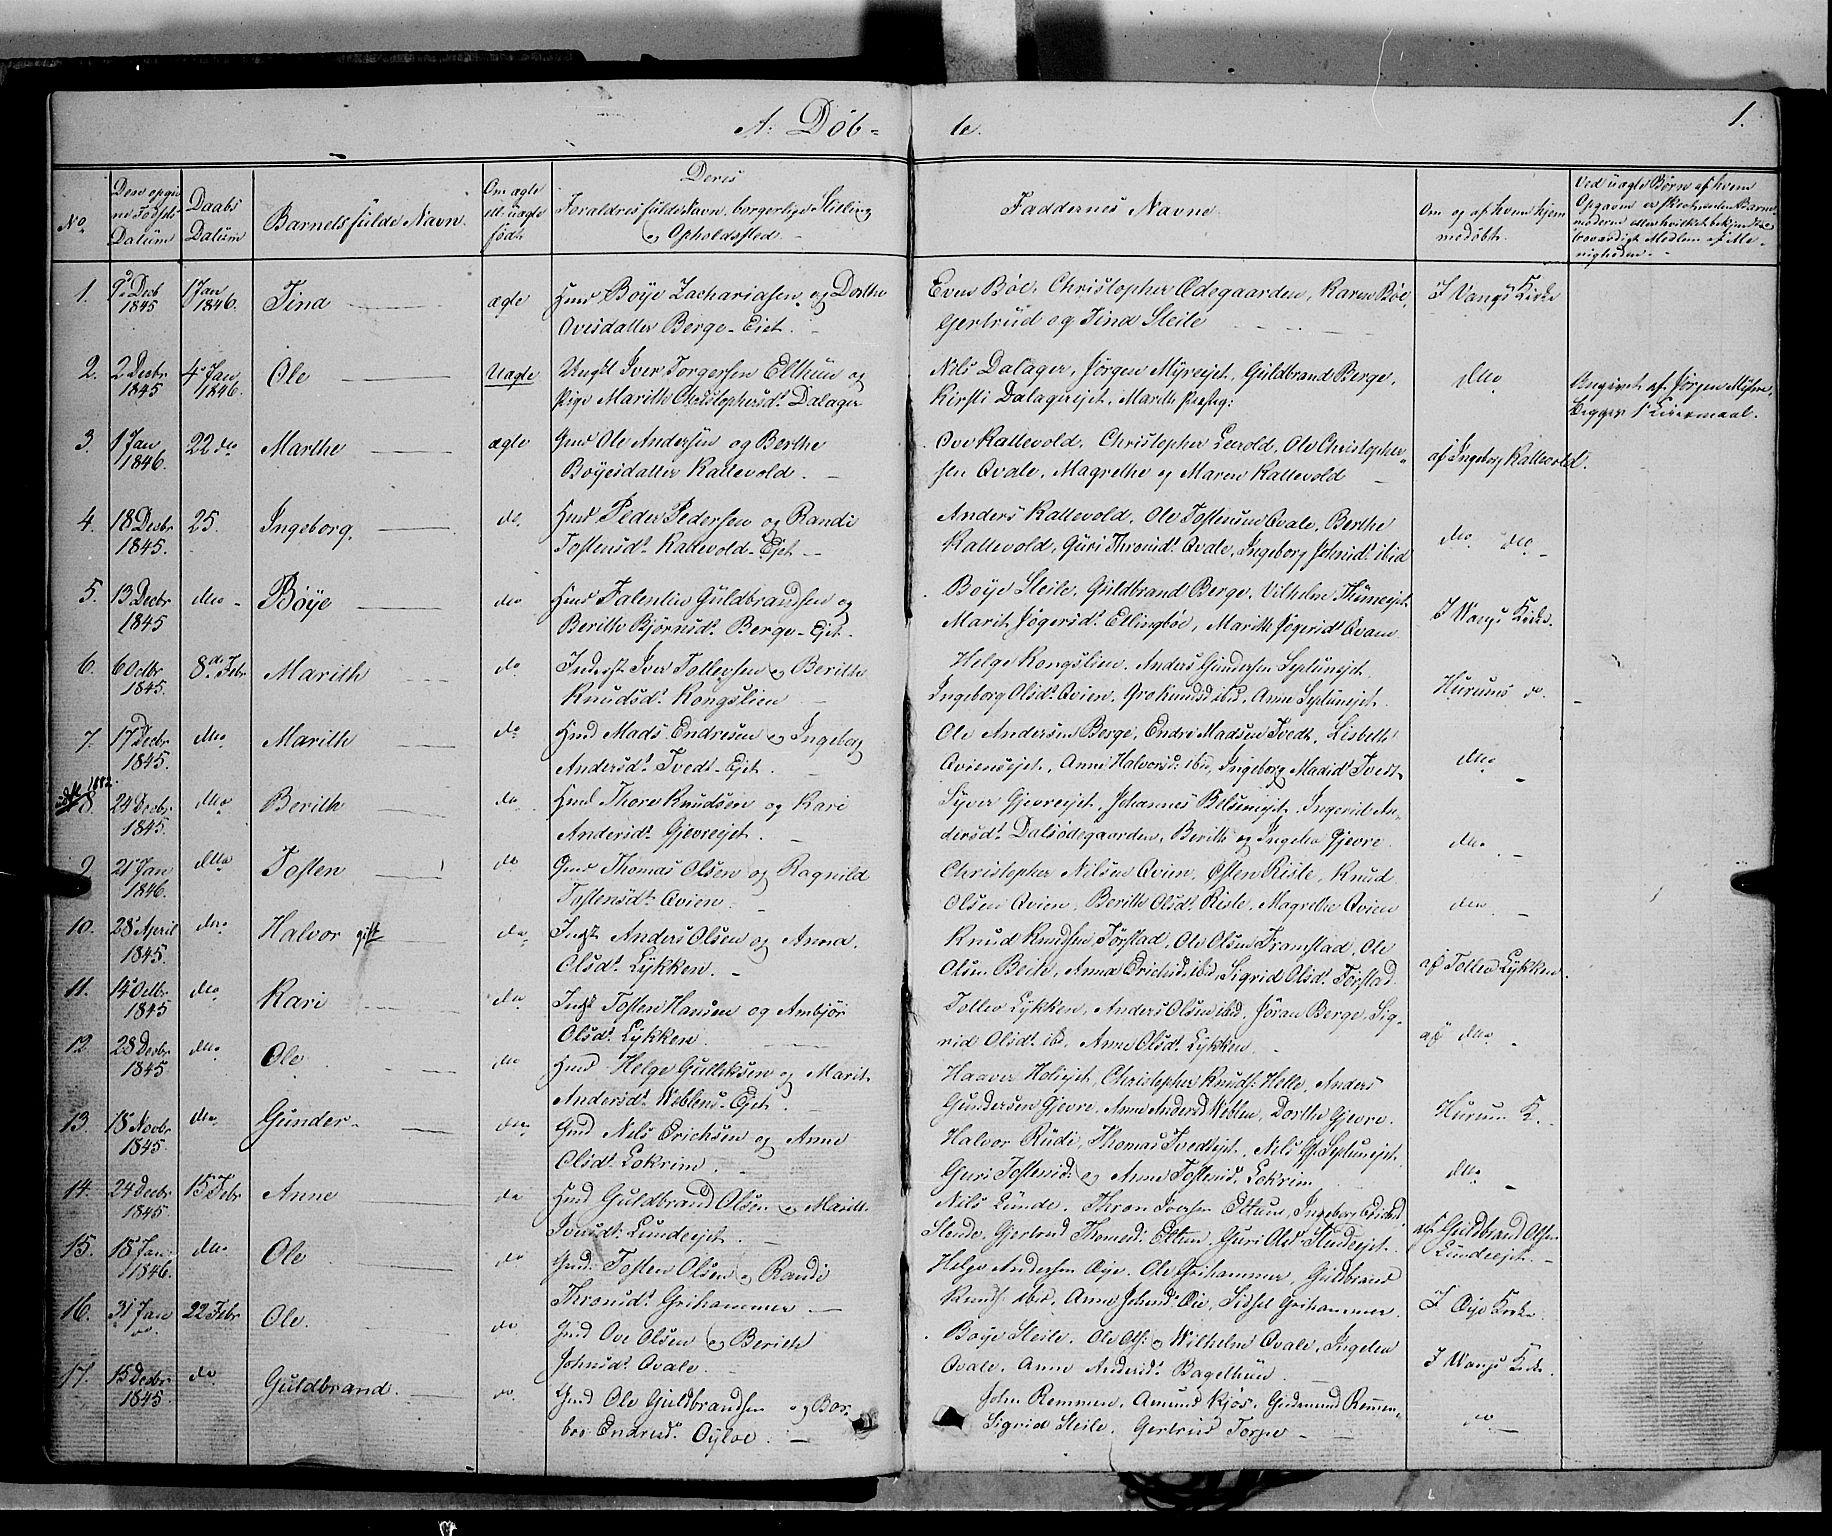 SAH, Vang prestekontor, Valdres, Ministerialbok nr. 6, 1846-1864, s. 1